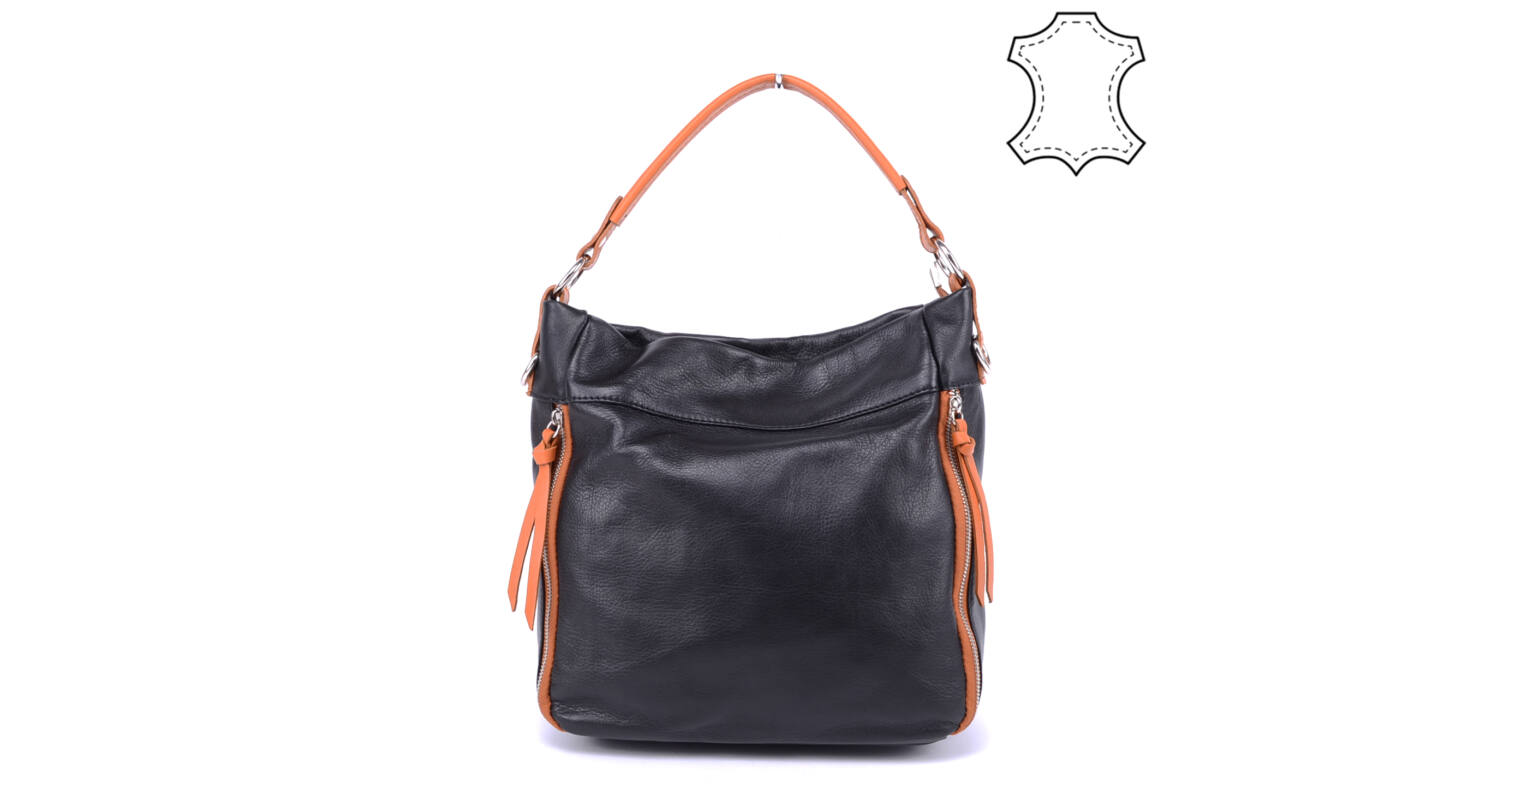 b0f0c78df99c Besty Női Valódi Bőr Fekete-Barna Válltáska - VALÓDI BŐRTÁSKÁK - Táska  webáruház - Minőségi táskák mindenkinek